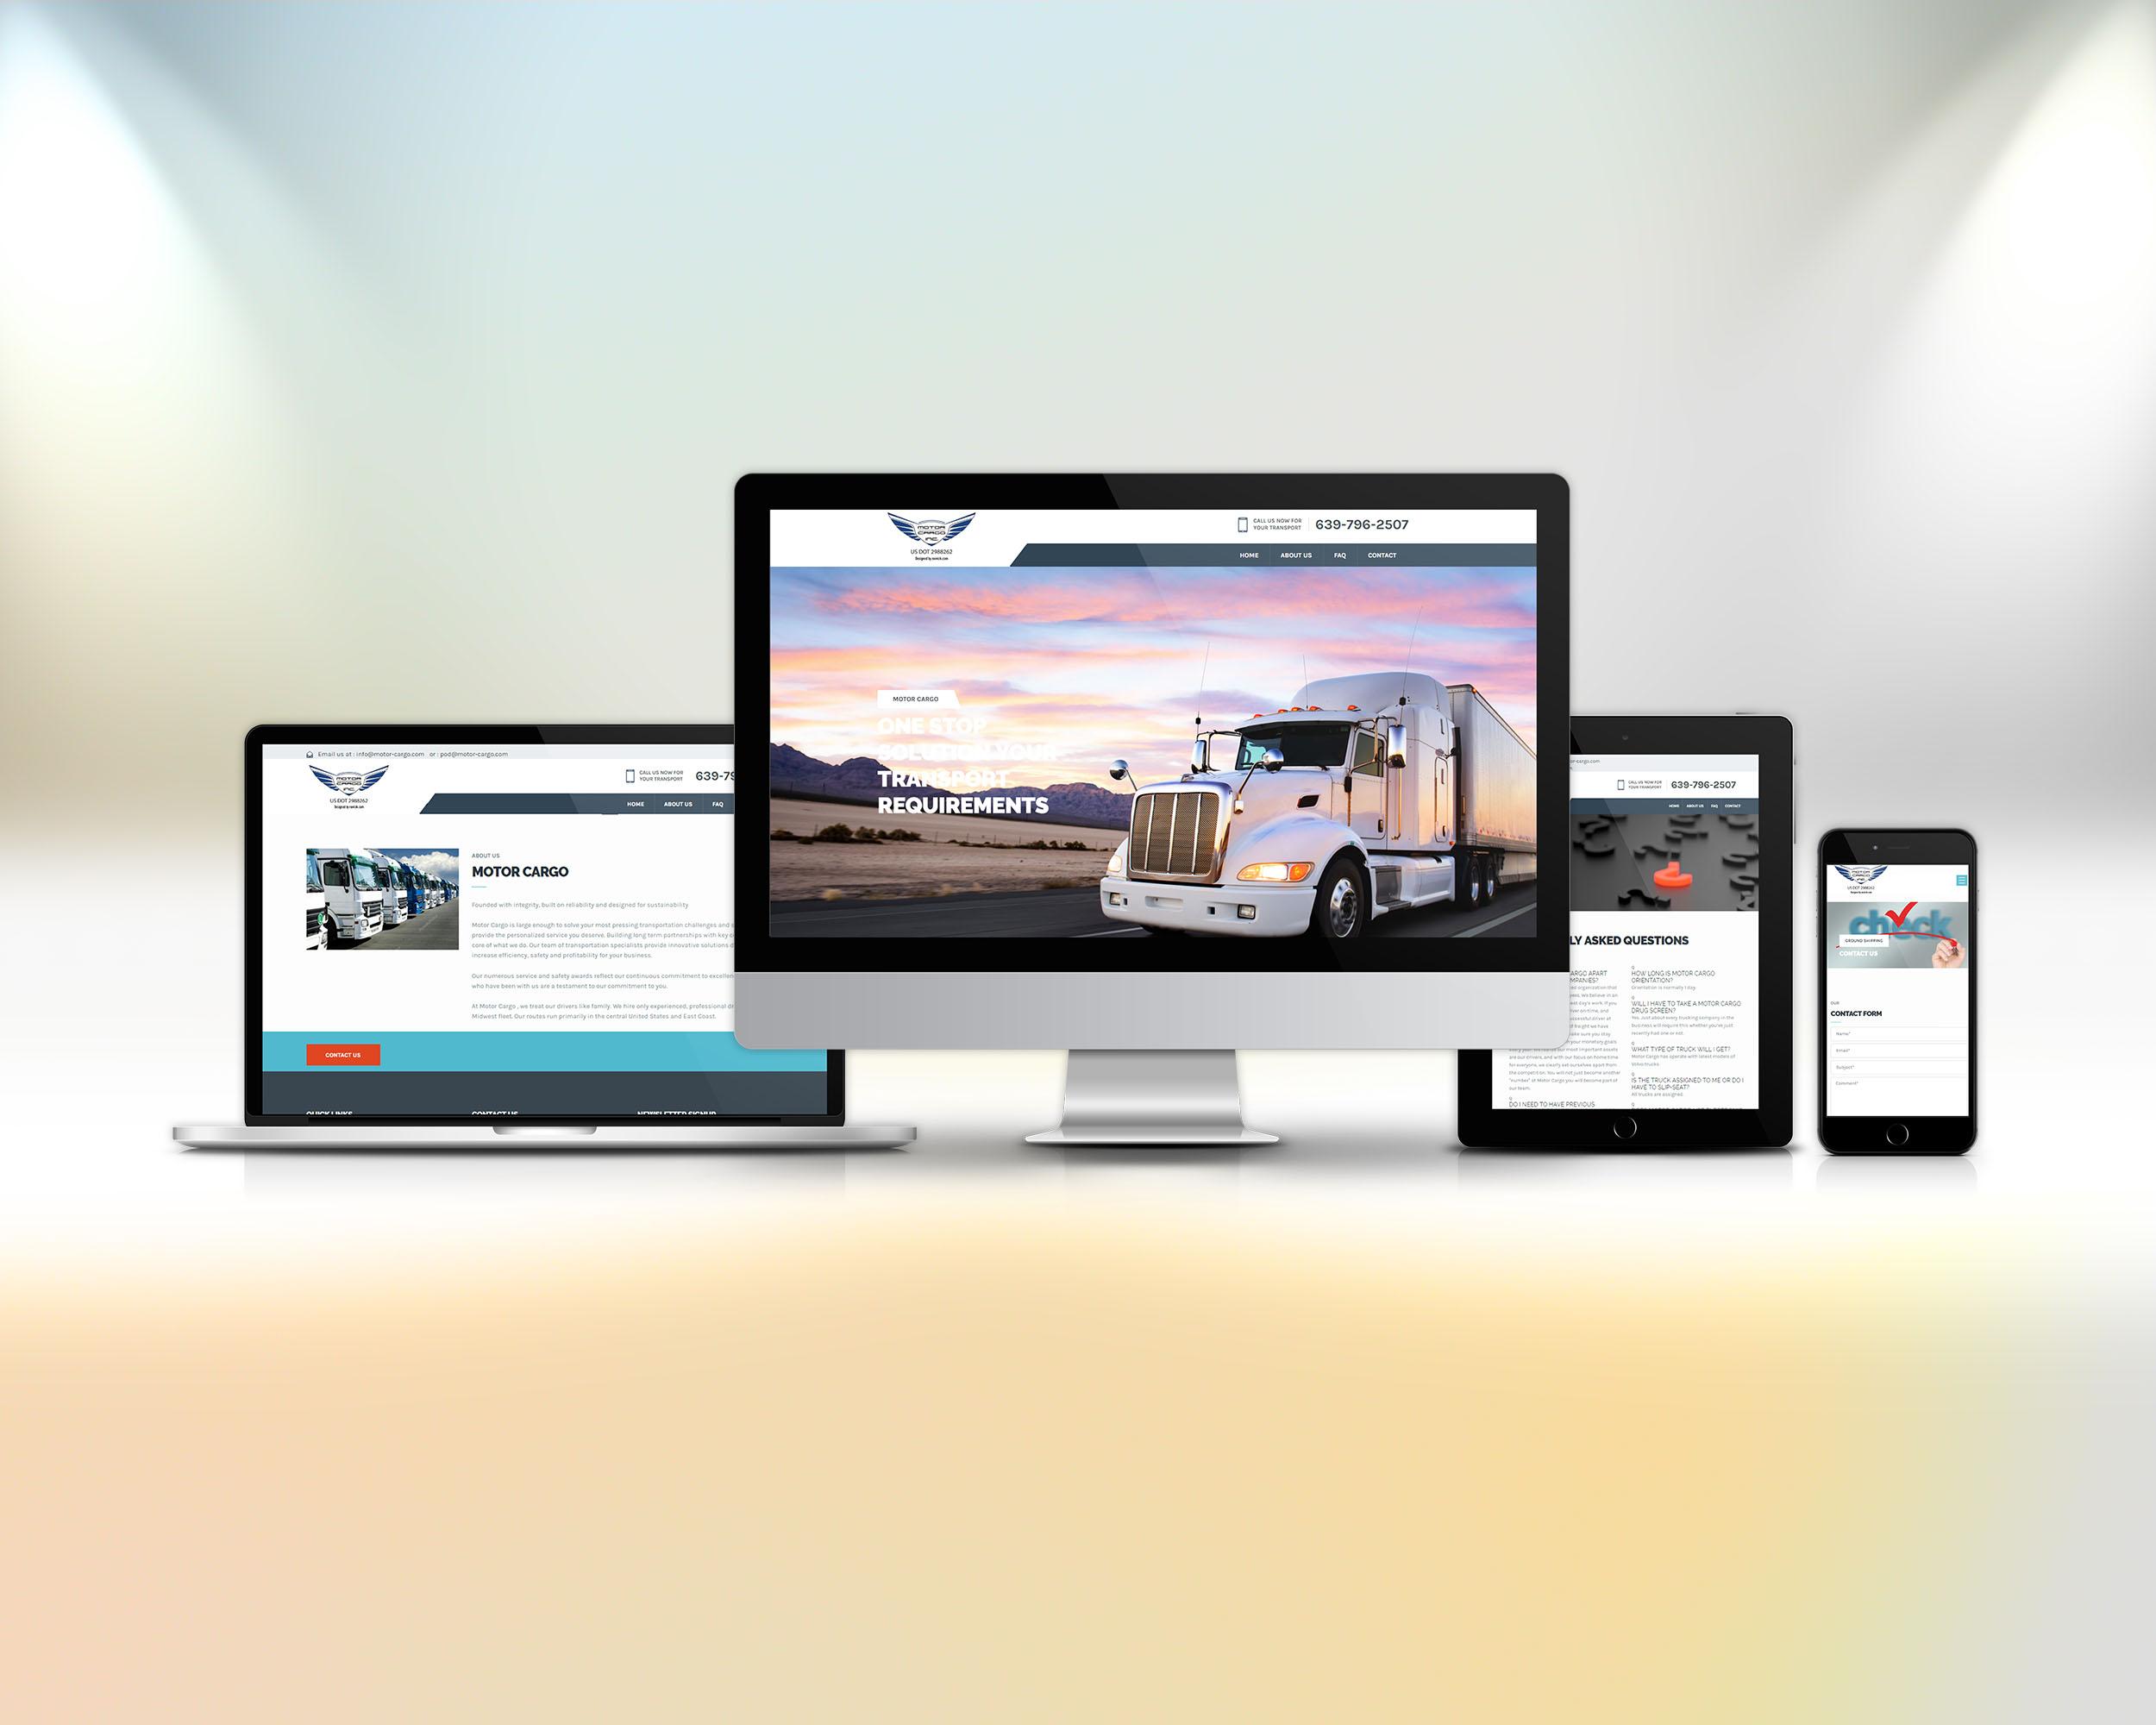 Motor Cargo izrada sajta za tablete i telefone